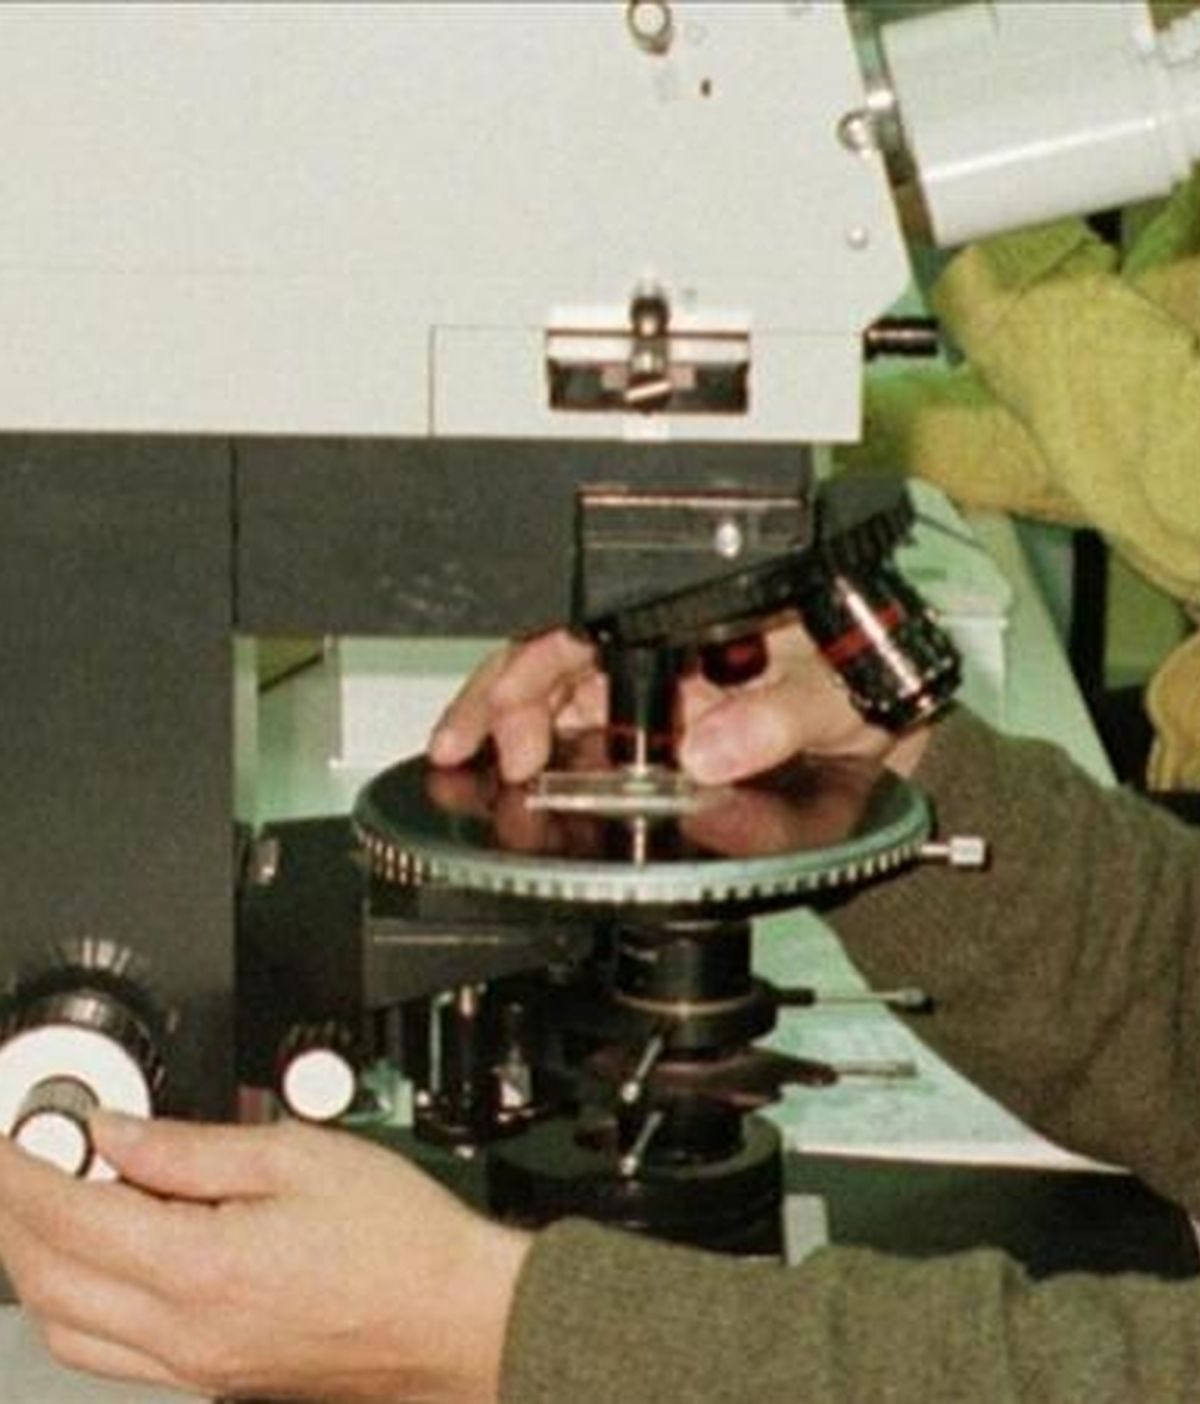 Un científico trabaja en un laboratorio. EFE/Archivo